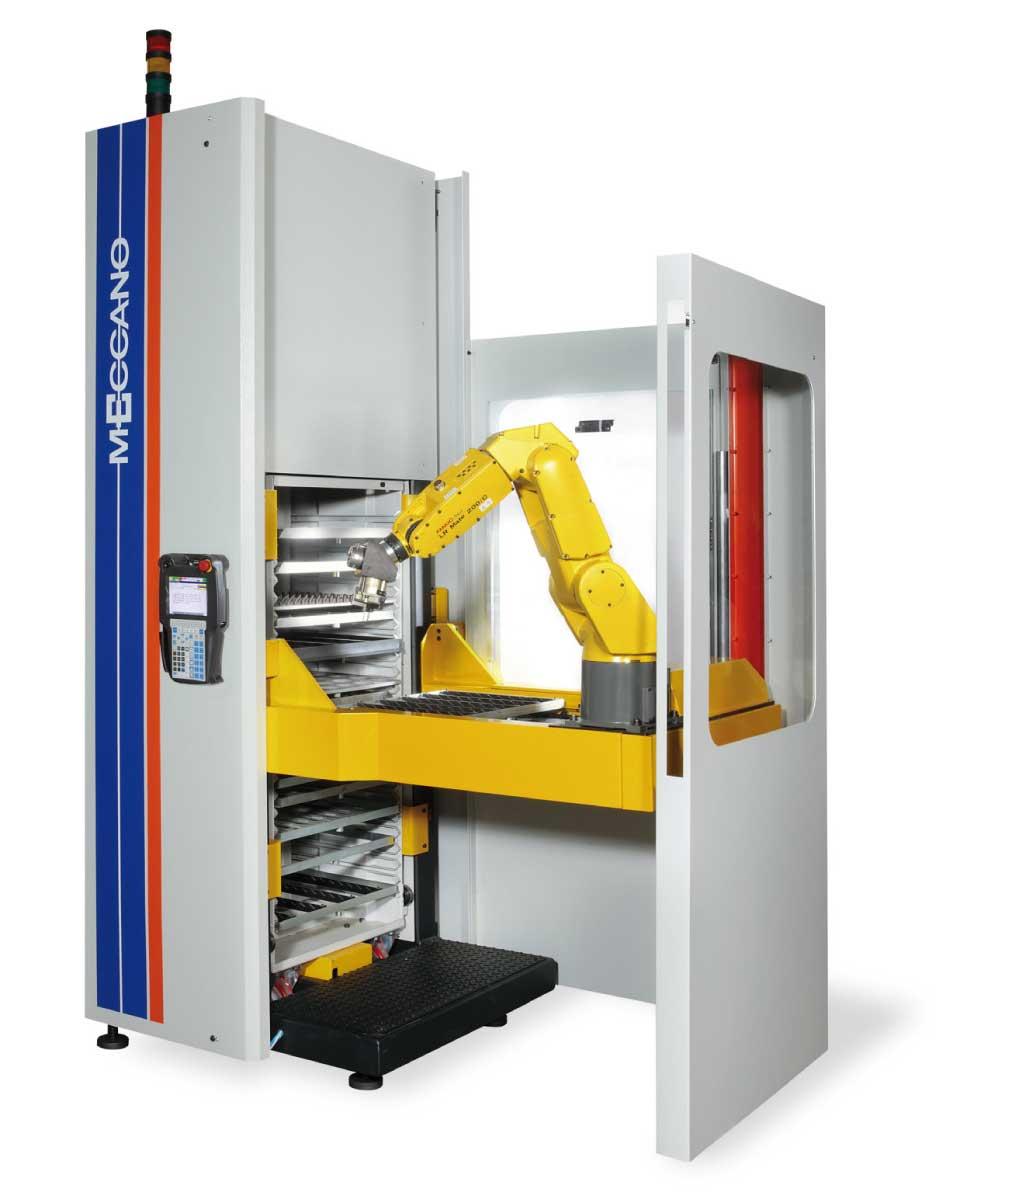 alimentatore a cassettiera con robot integrato pls